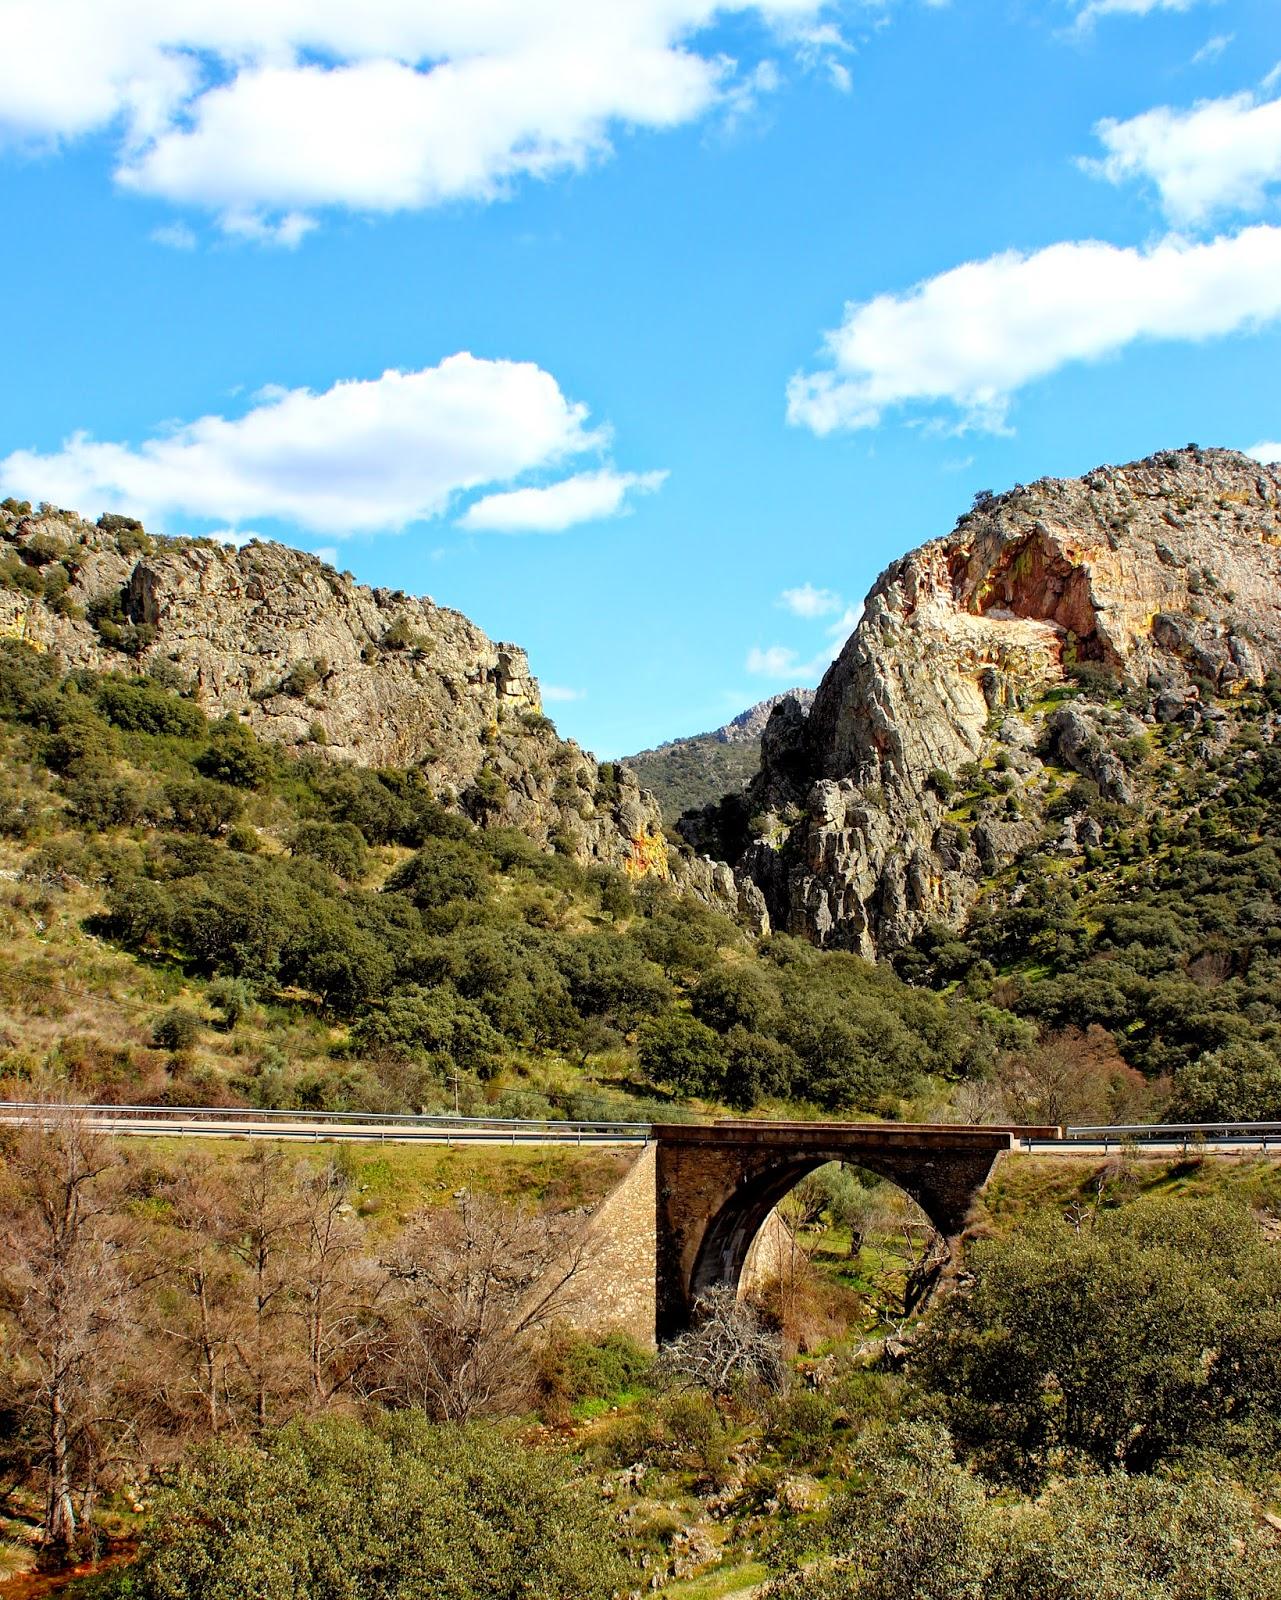 Apreturas del río Almonte en Cabañas del Castillo